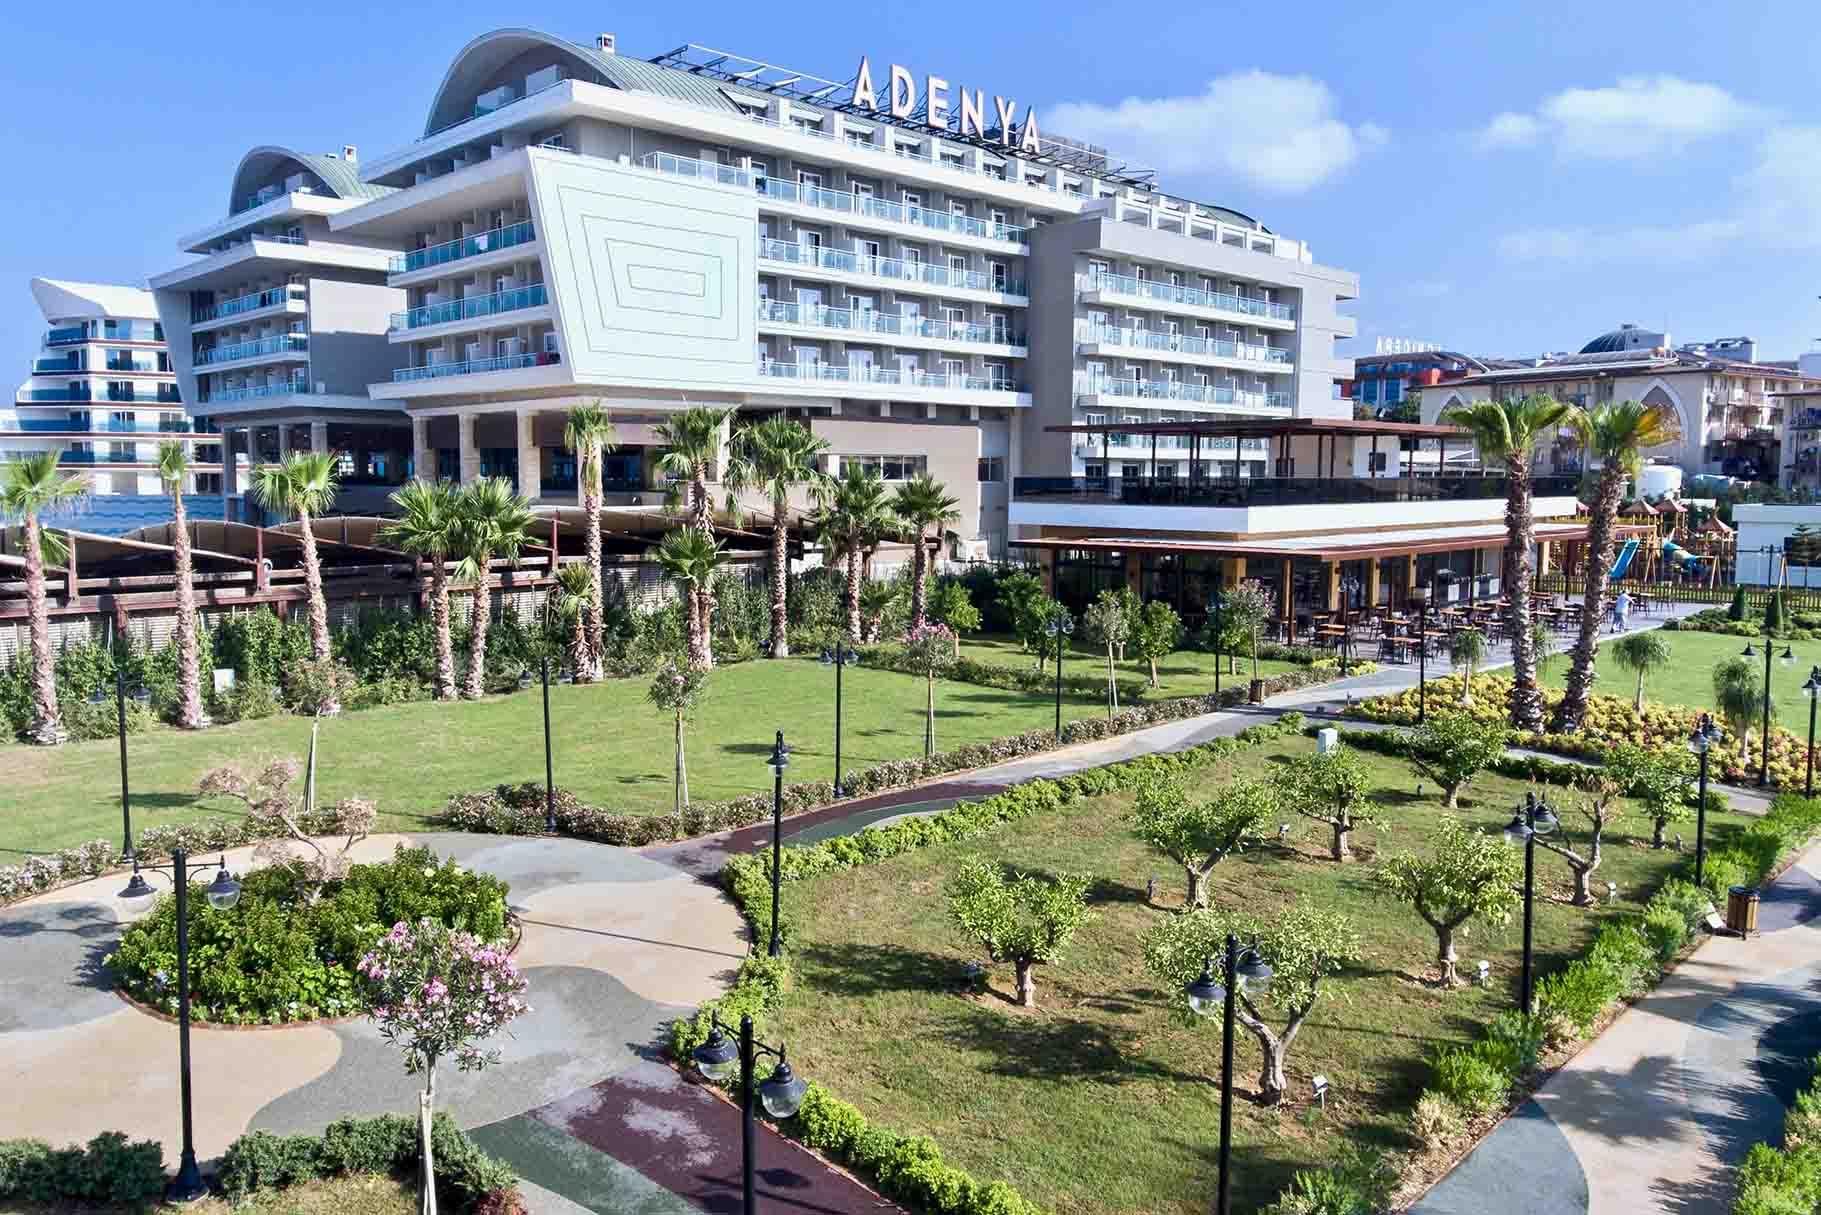 ADENYA HOTEL262307